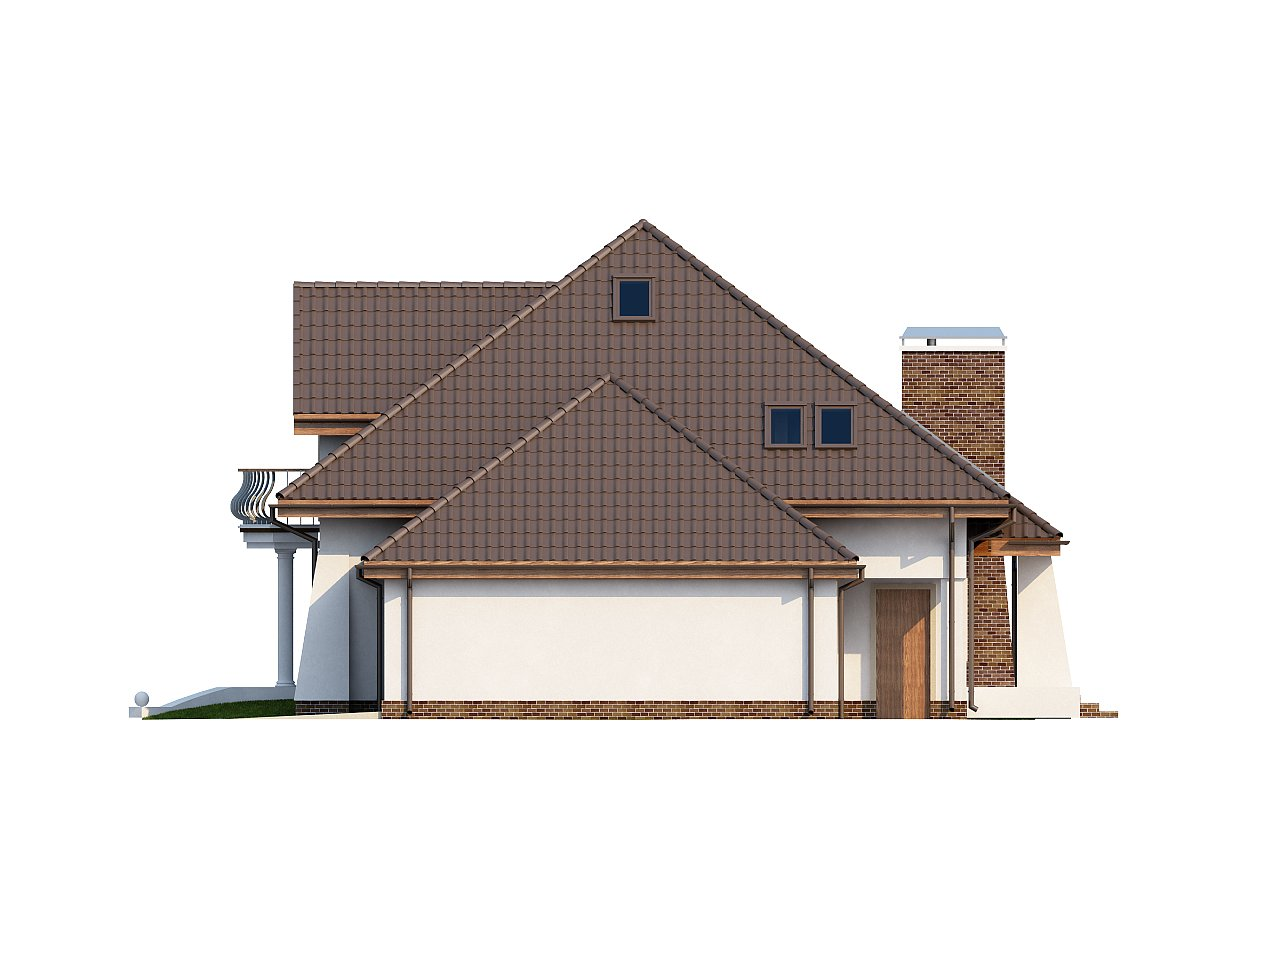 Удобный дом в классическом стиле с красивыми мансардными окнами и балконом. 6